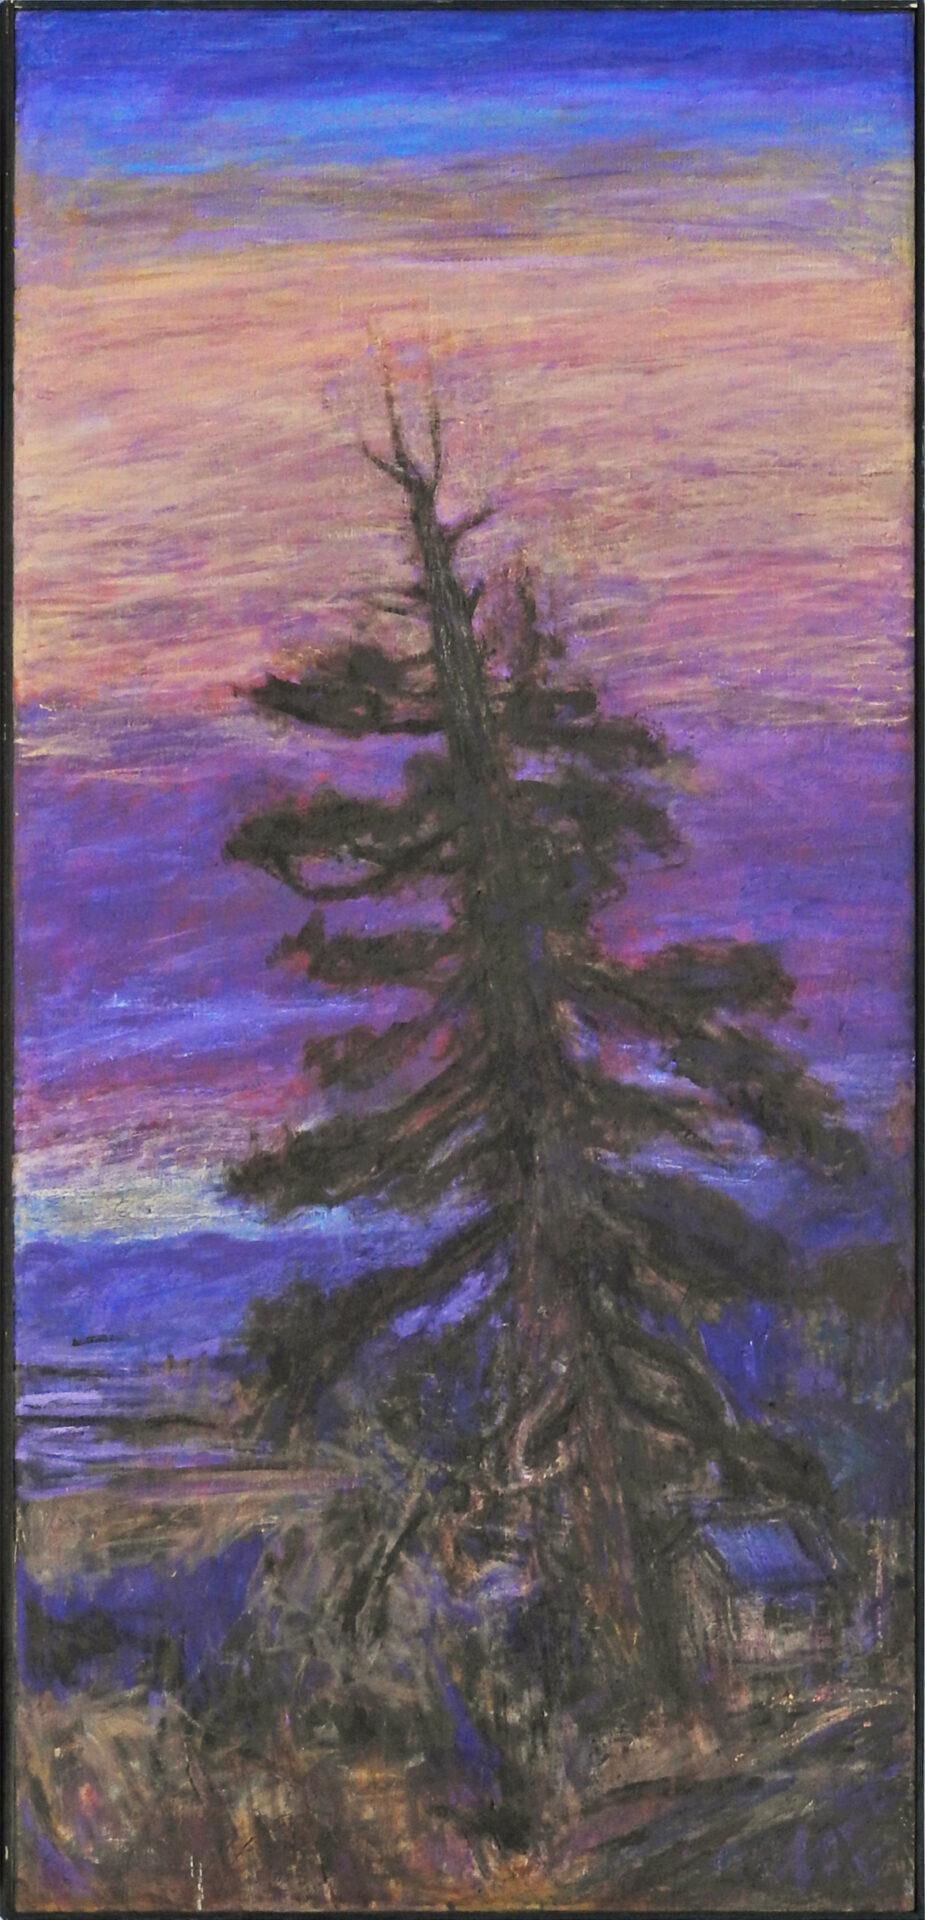 The Deity of Waters cedar